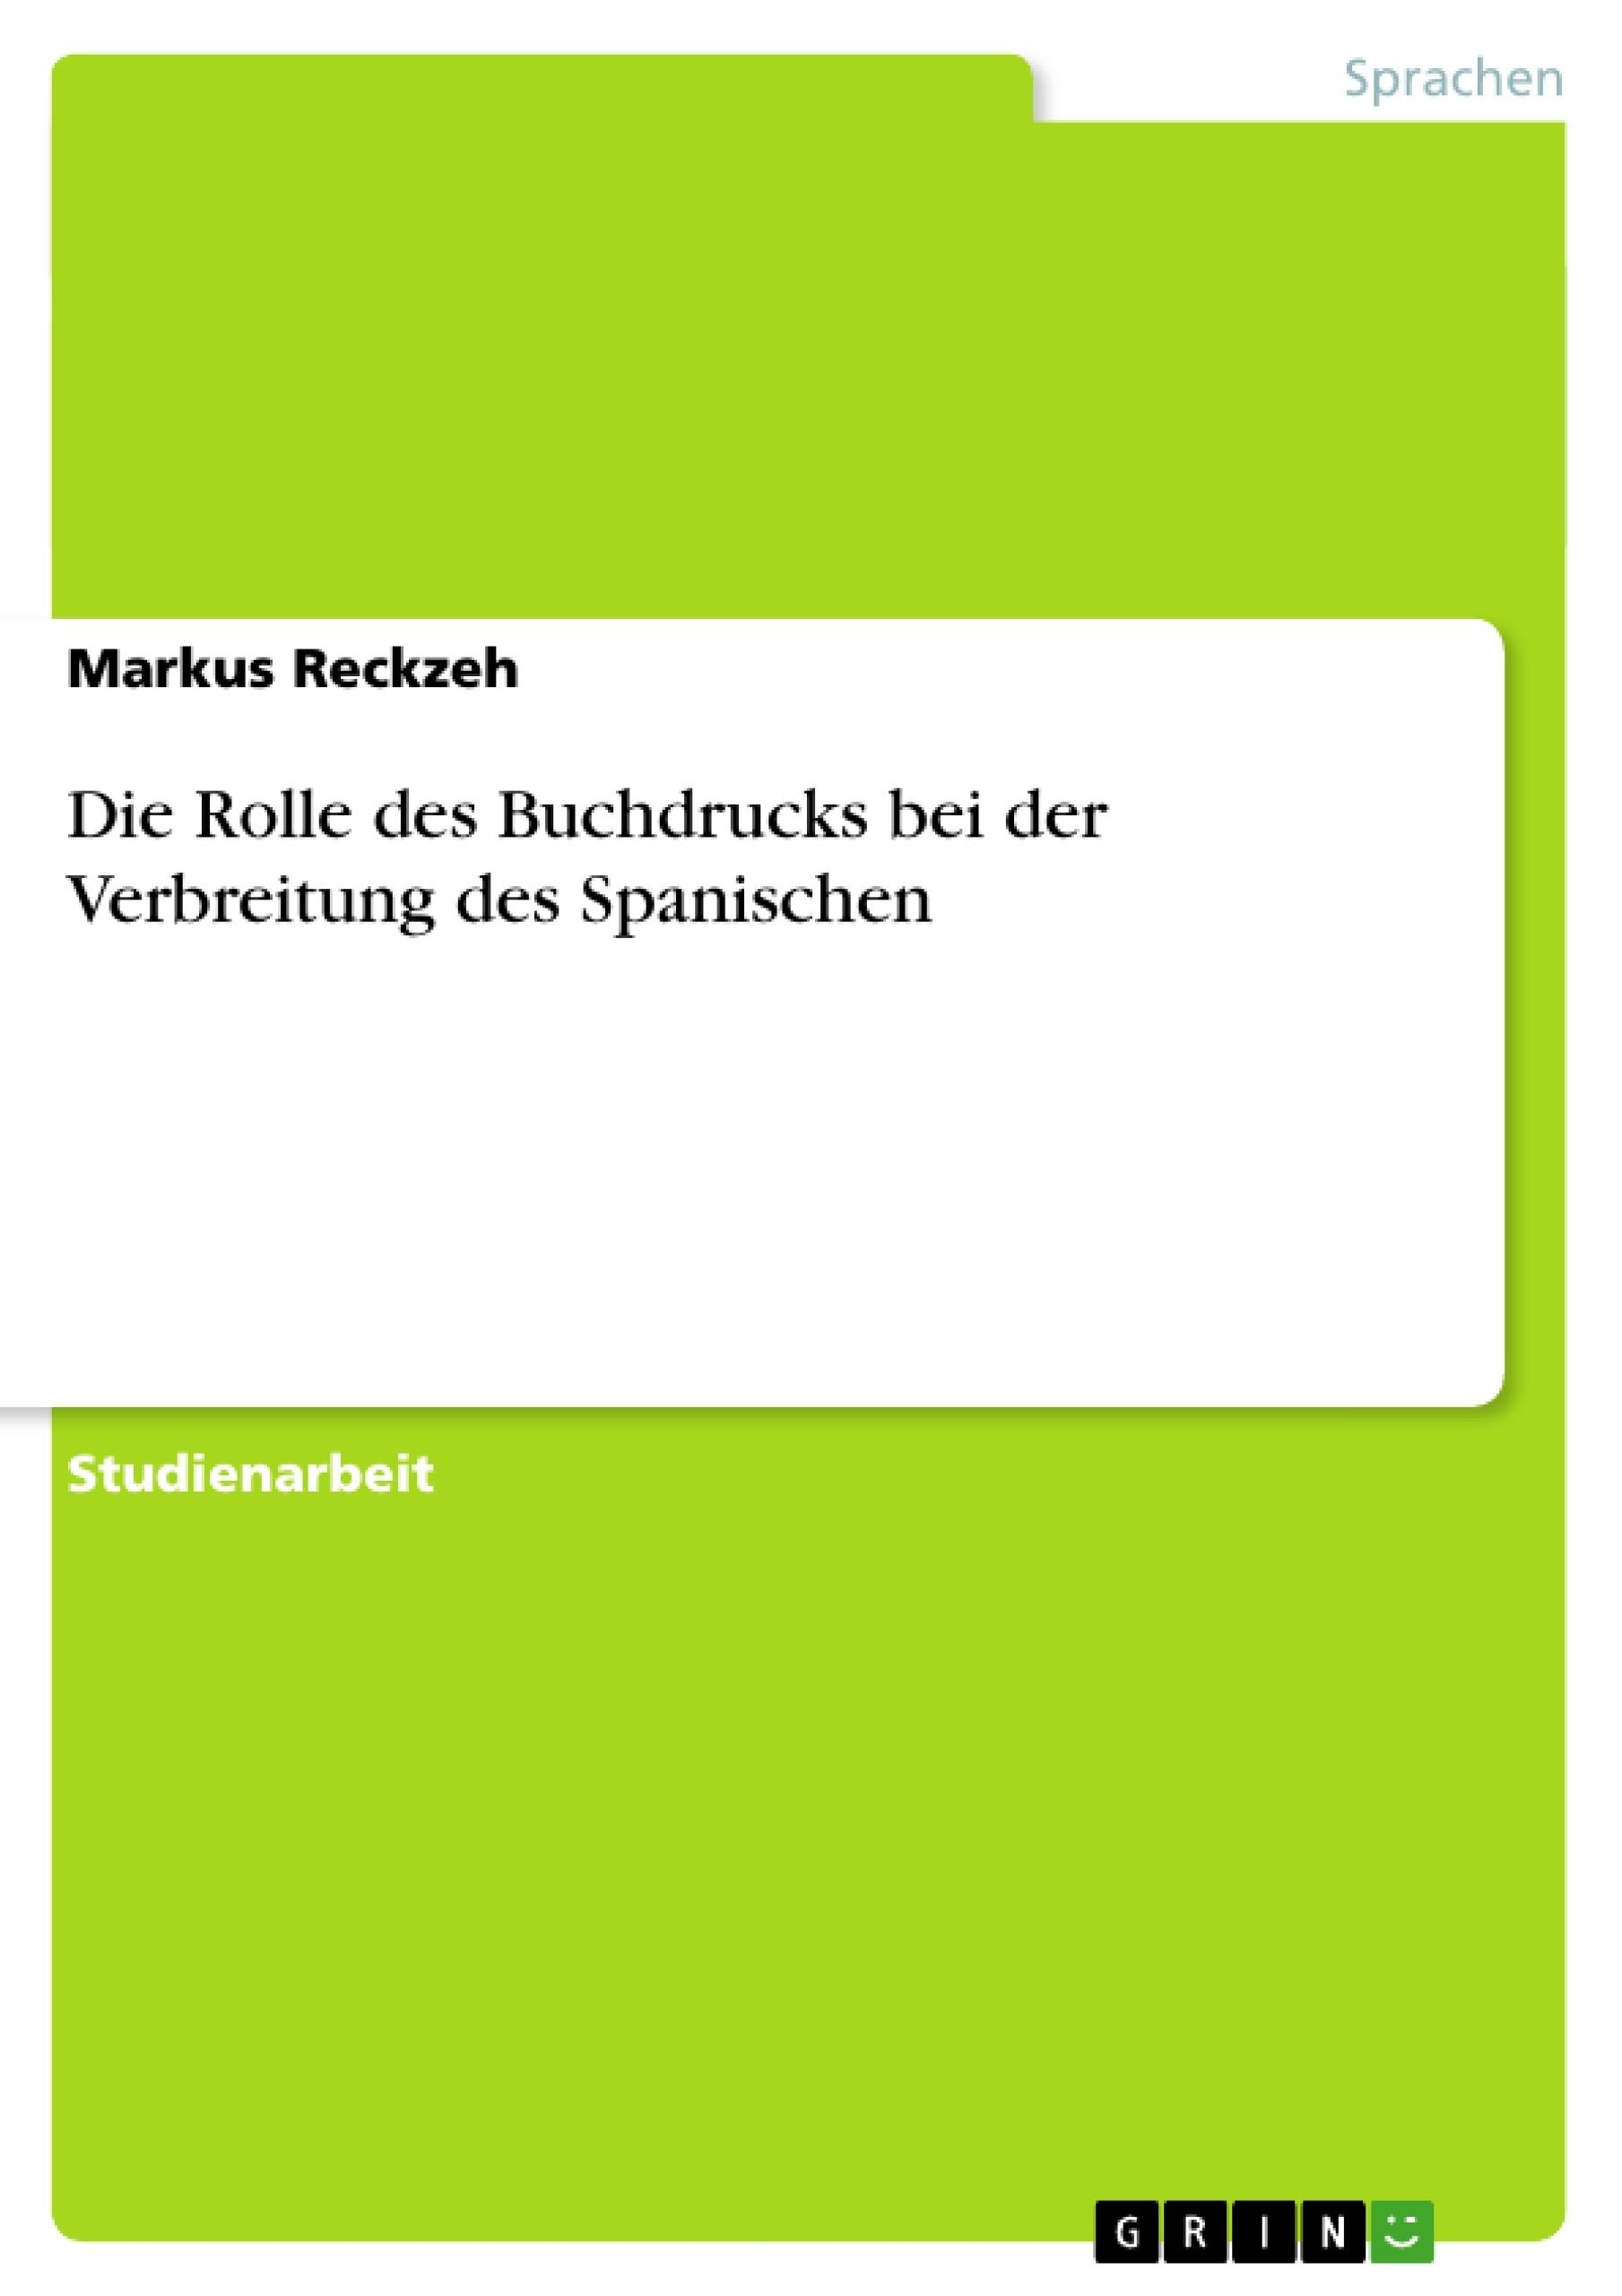 Titel: Die Rolle des Buchdrucks bei der Verbreitung des Spanischen